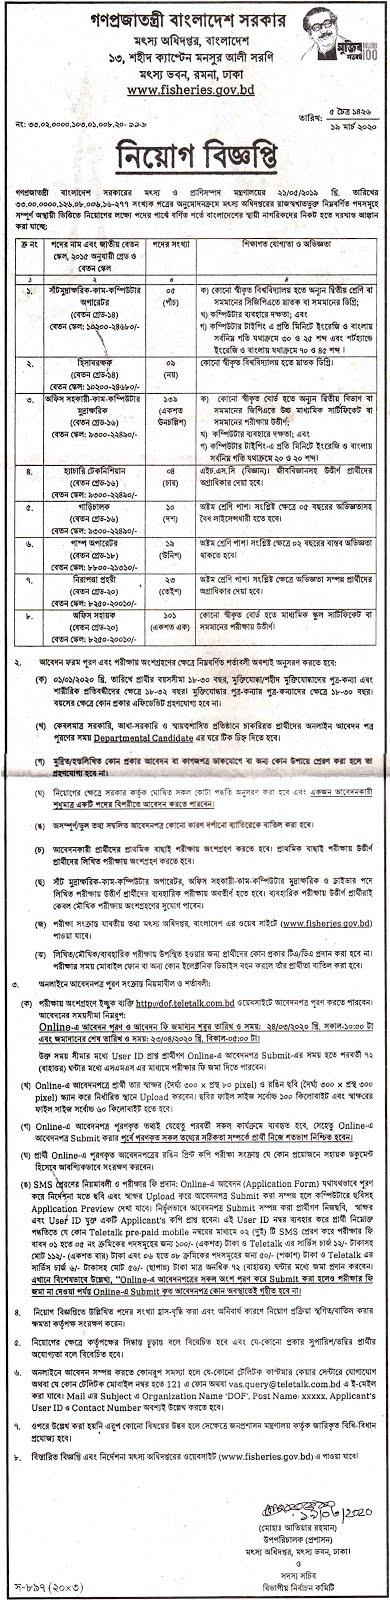 মৎস্য অধিদফতর চাকরির খবর ২০২০ - Fisheries Department Jobs News - 2020 -sorkari chakrir khobor 2020